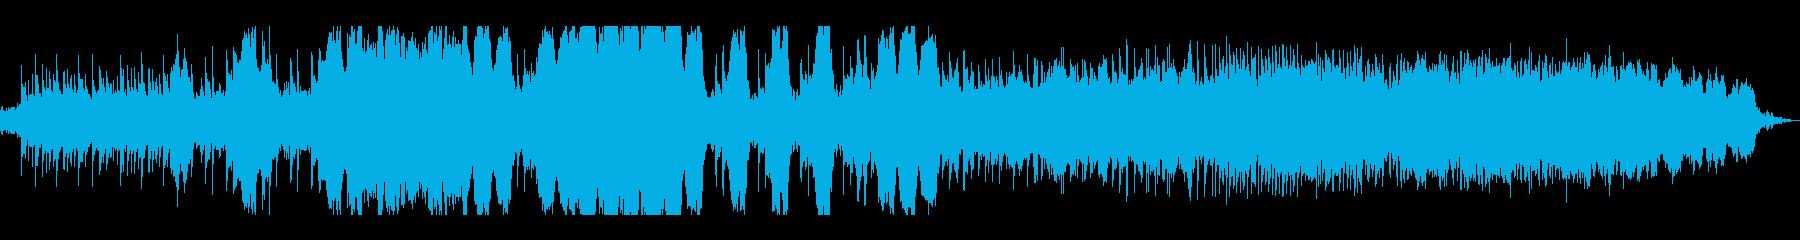 ピアノが印象的な悲しい雰囲気のBGMの再生済みの波形